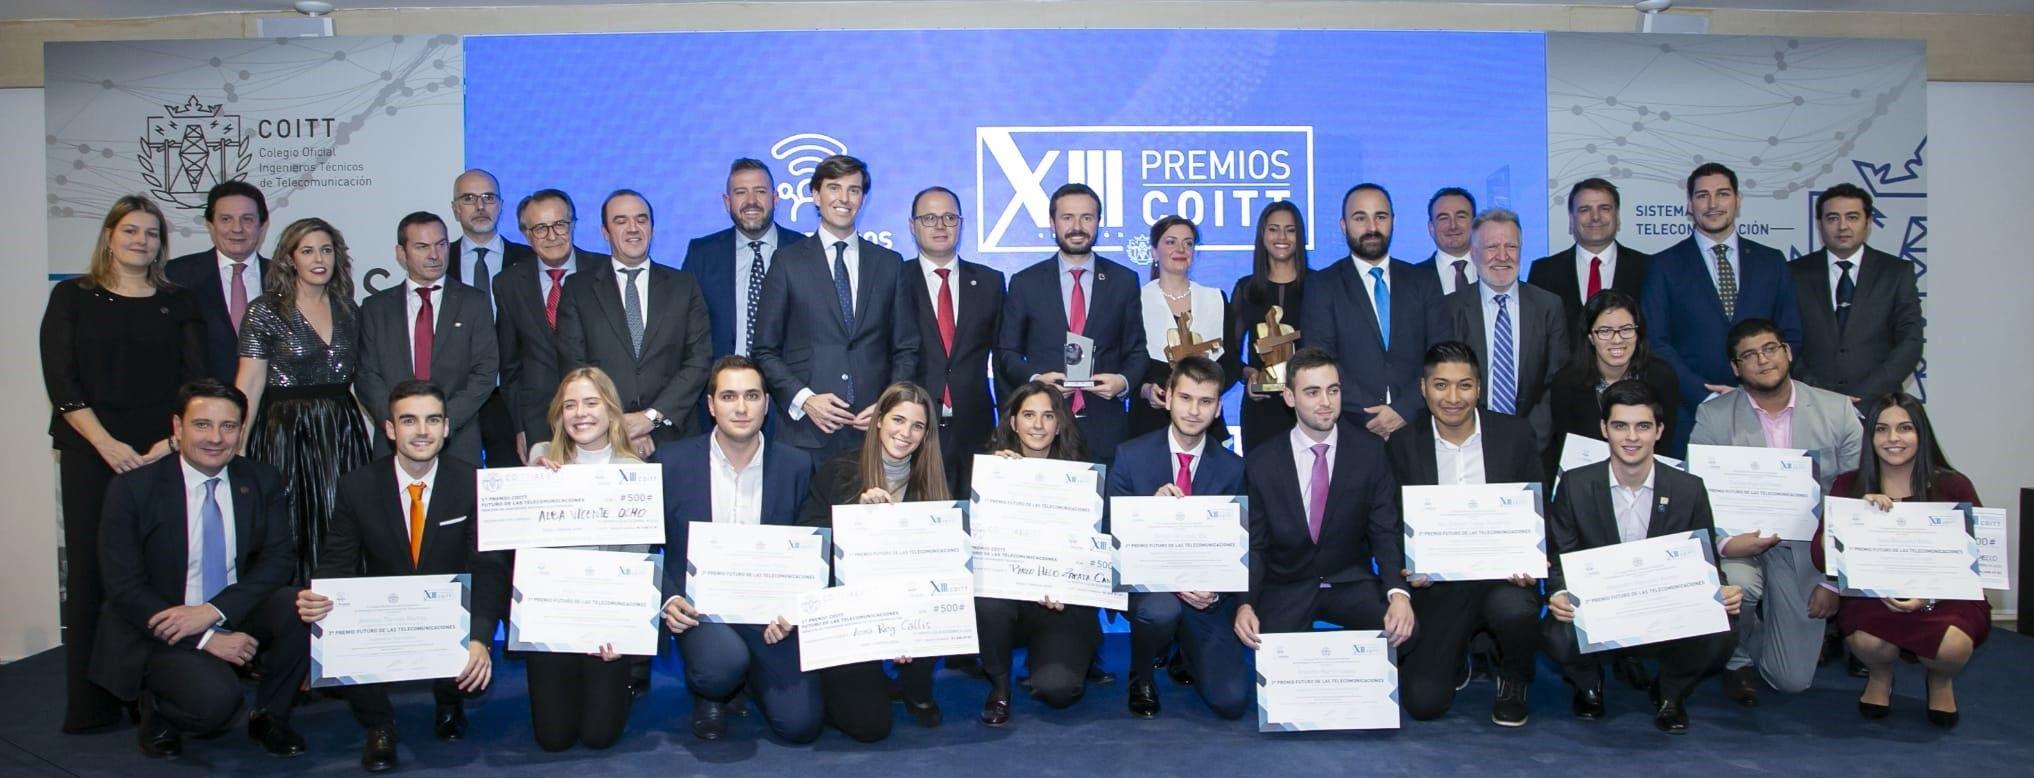 Foto de Foro-Premios COITT 19